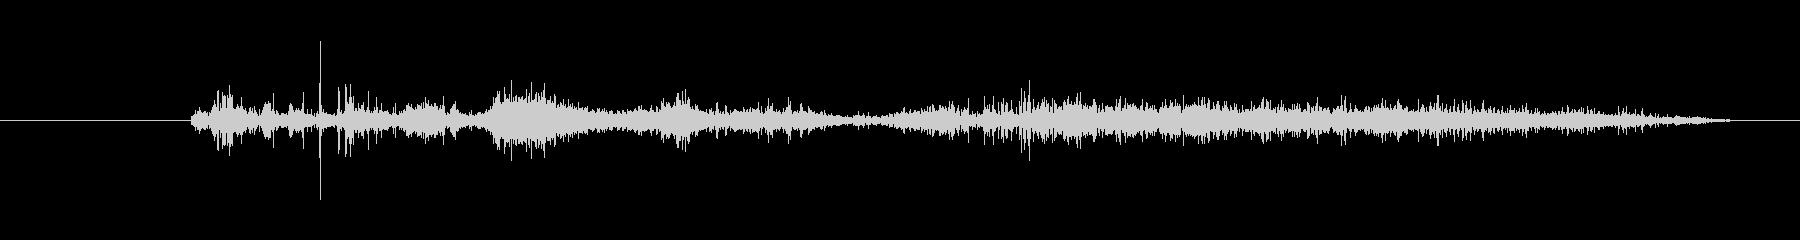 FX おならホーン01の未再生の波形